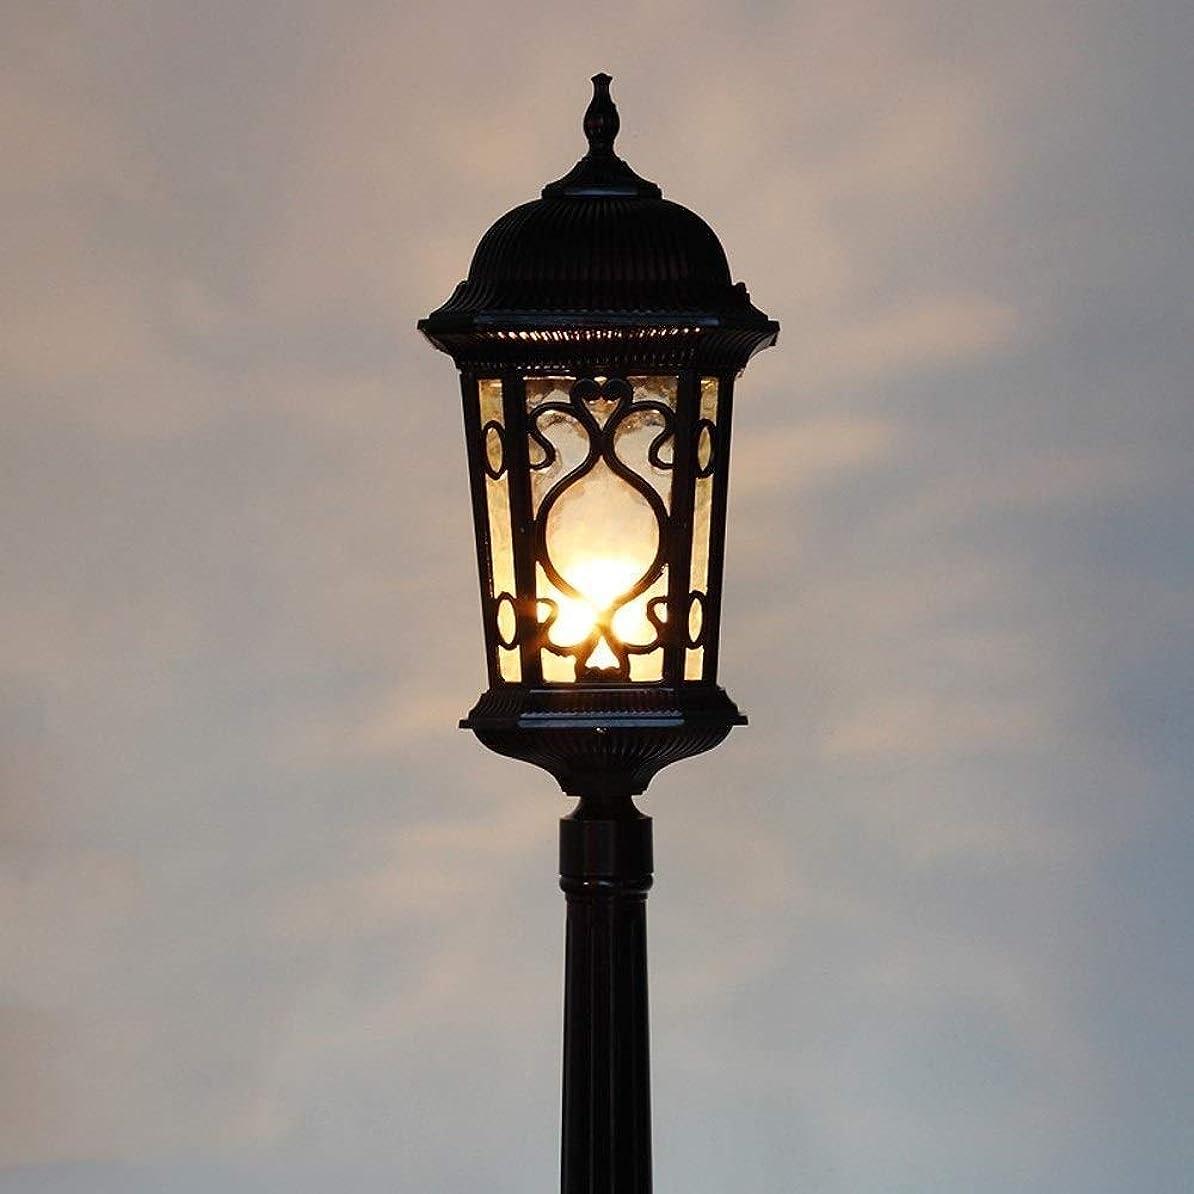 誠実さ登山家デッキ屋外ランプポストライトアルミニウム防水屋外街路灯コラムランプ、透明なガラスパネル付きのクラシックな街灯柱、ヴィラの裏庭、パティオ、庭、歩道、中庭、出入り口用 ポールライト